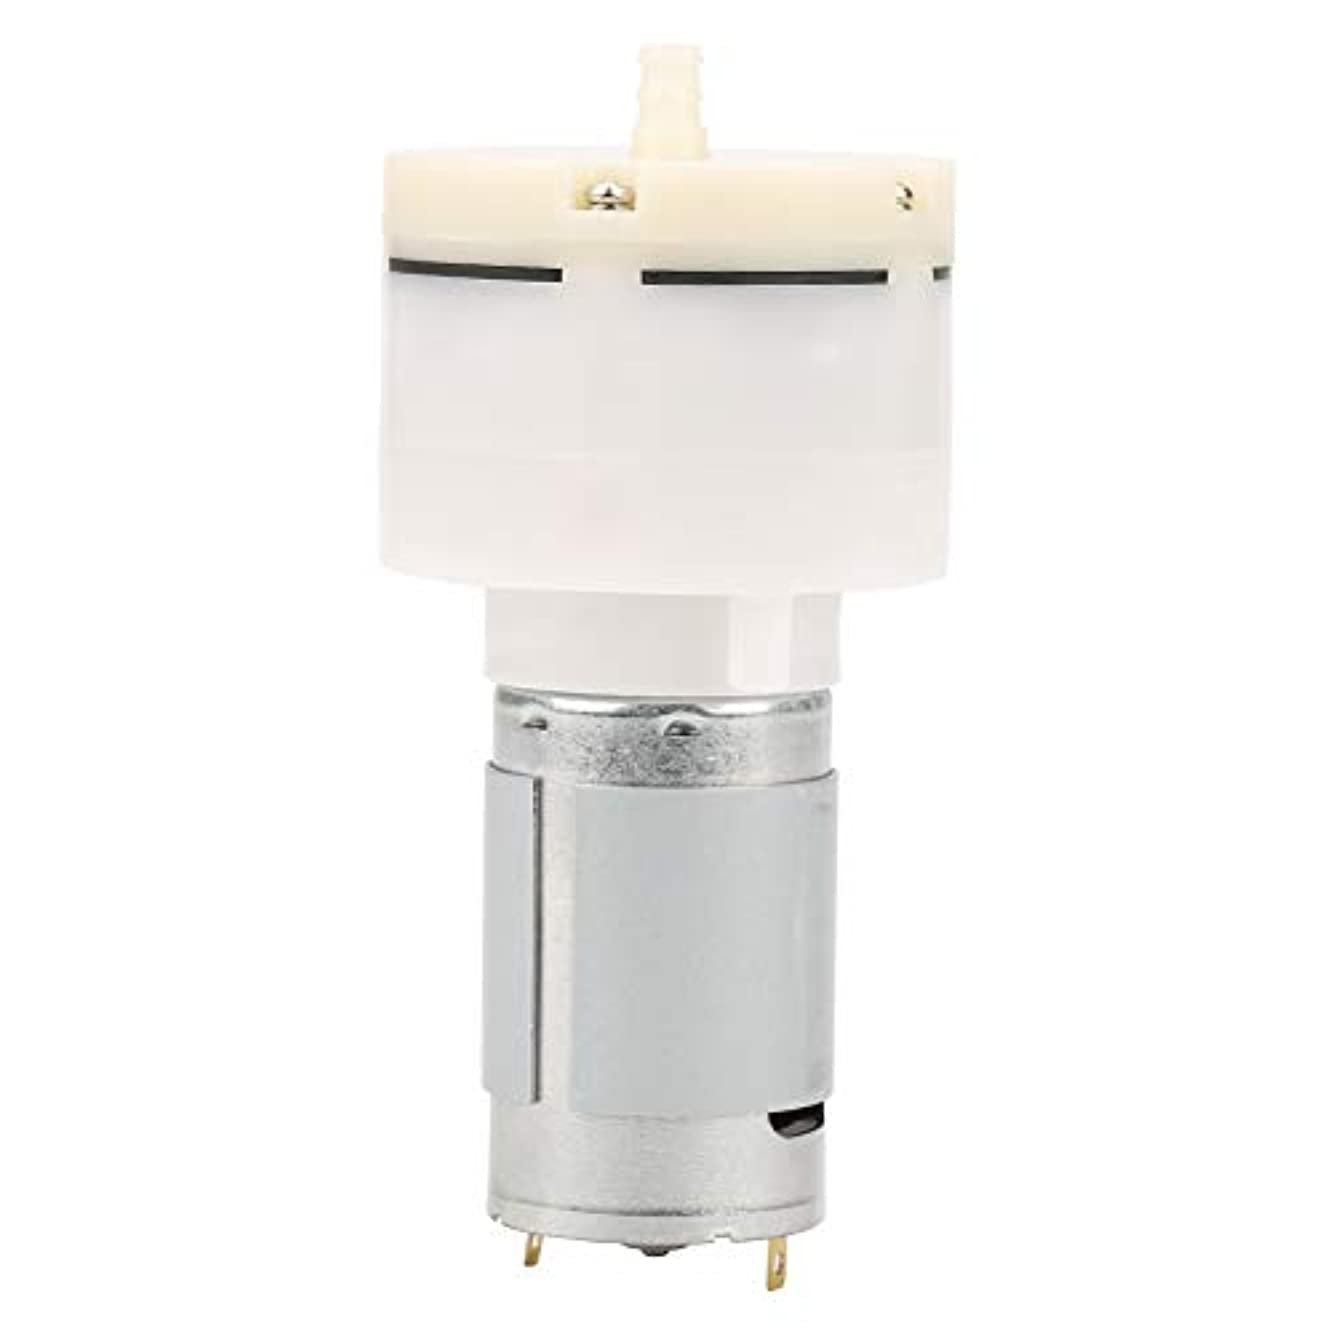 何かポールくつろぎ真空ポンプミニスモール低ノイズ短い充填時間空気真空吸引ポンプDC12V